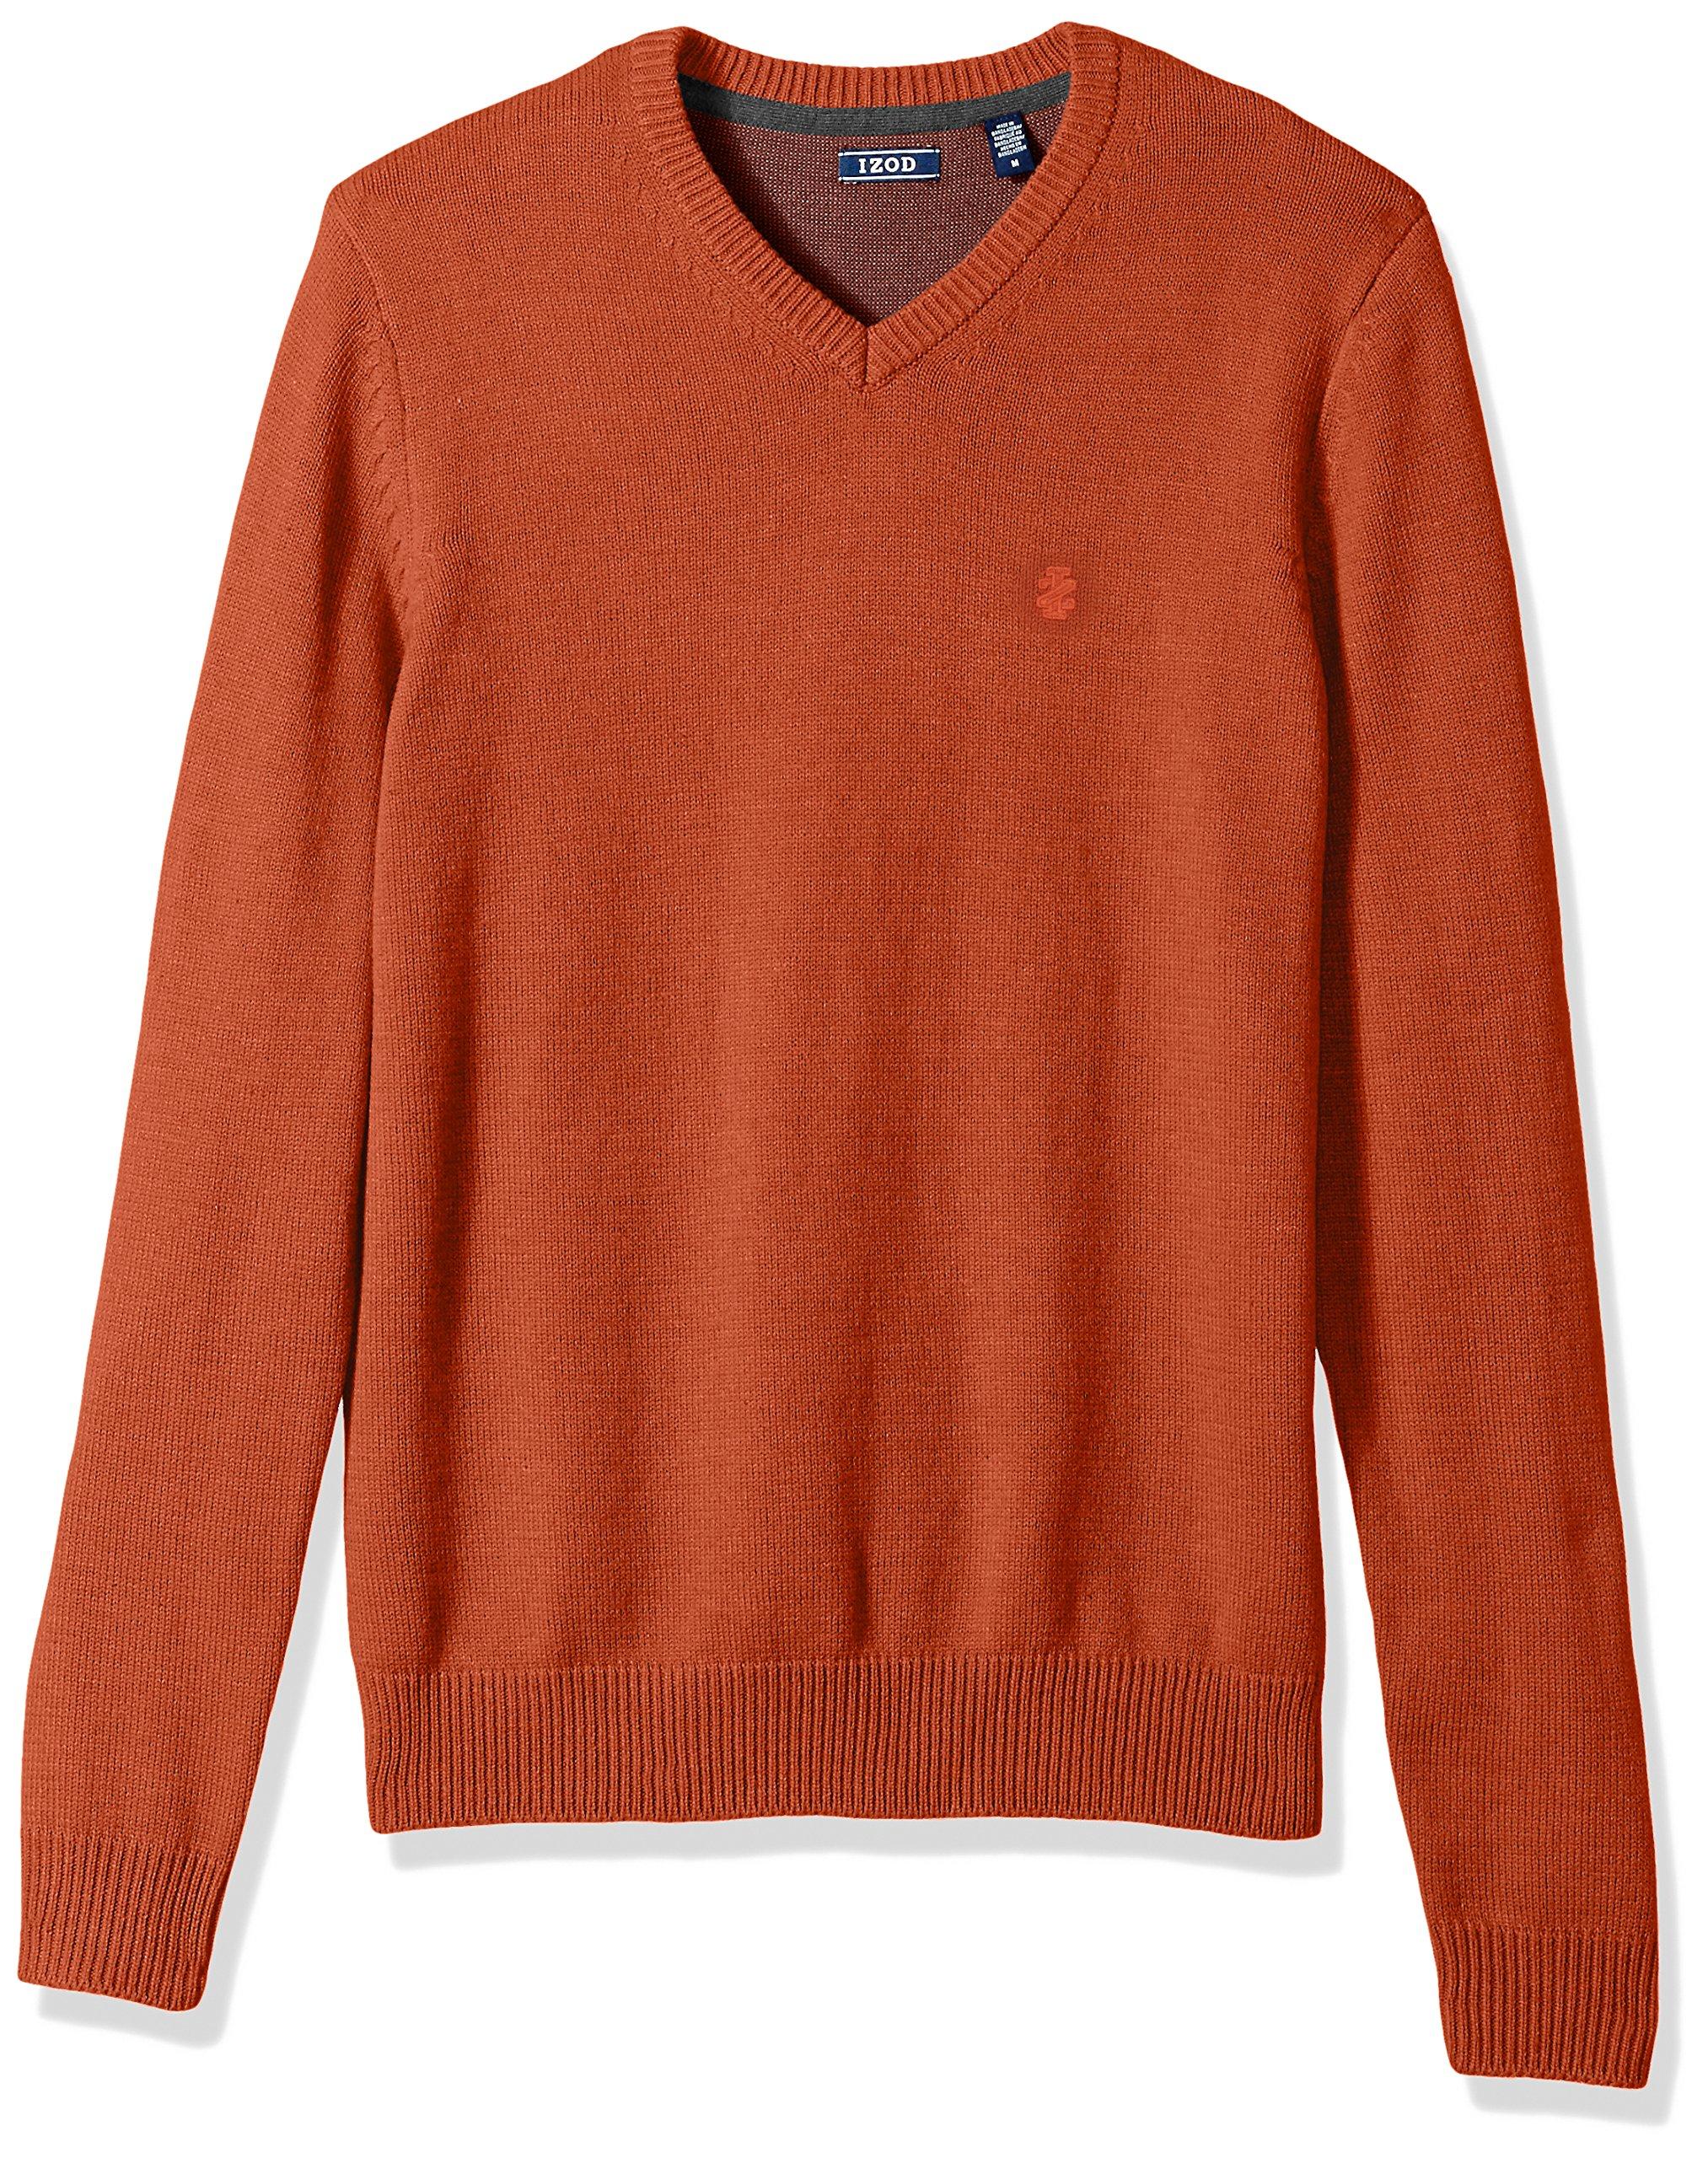 IZOD Men's Fine Gauge Solid V-Neck Sweater, Rooibos Tea, X-Large